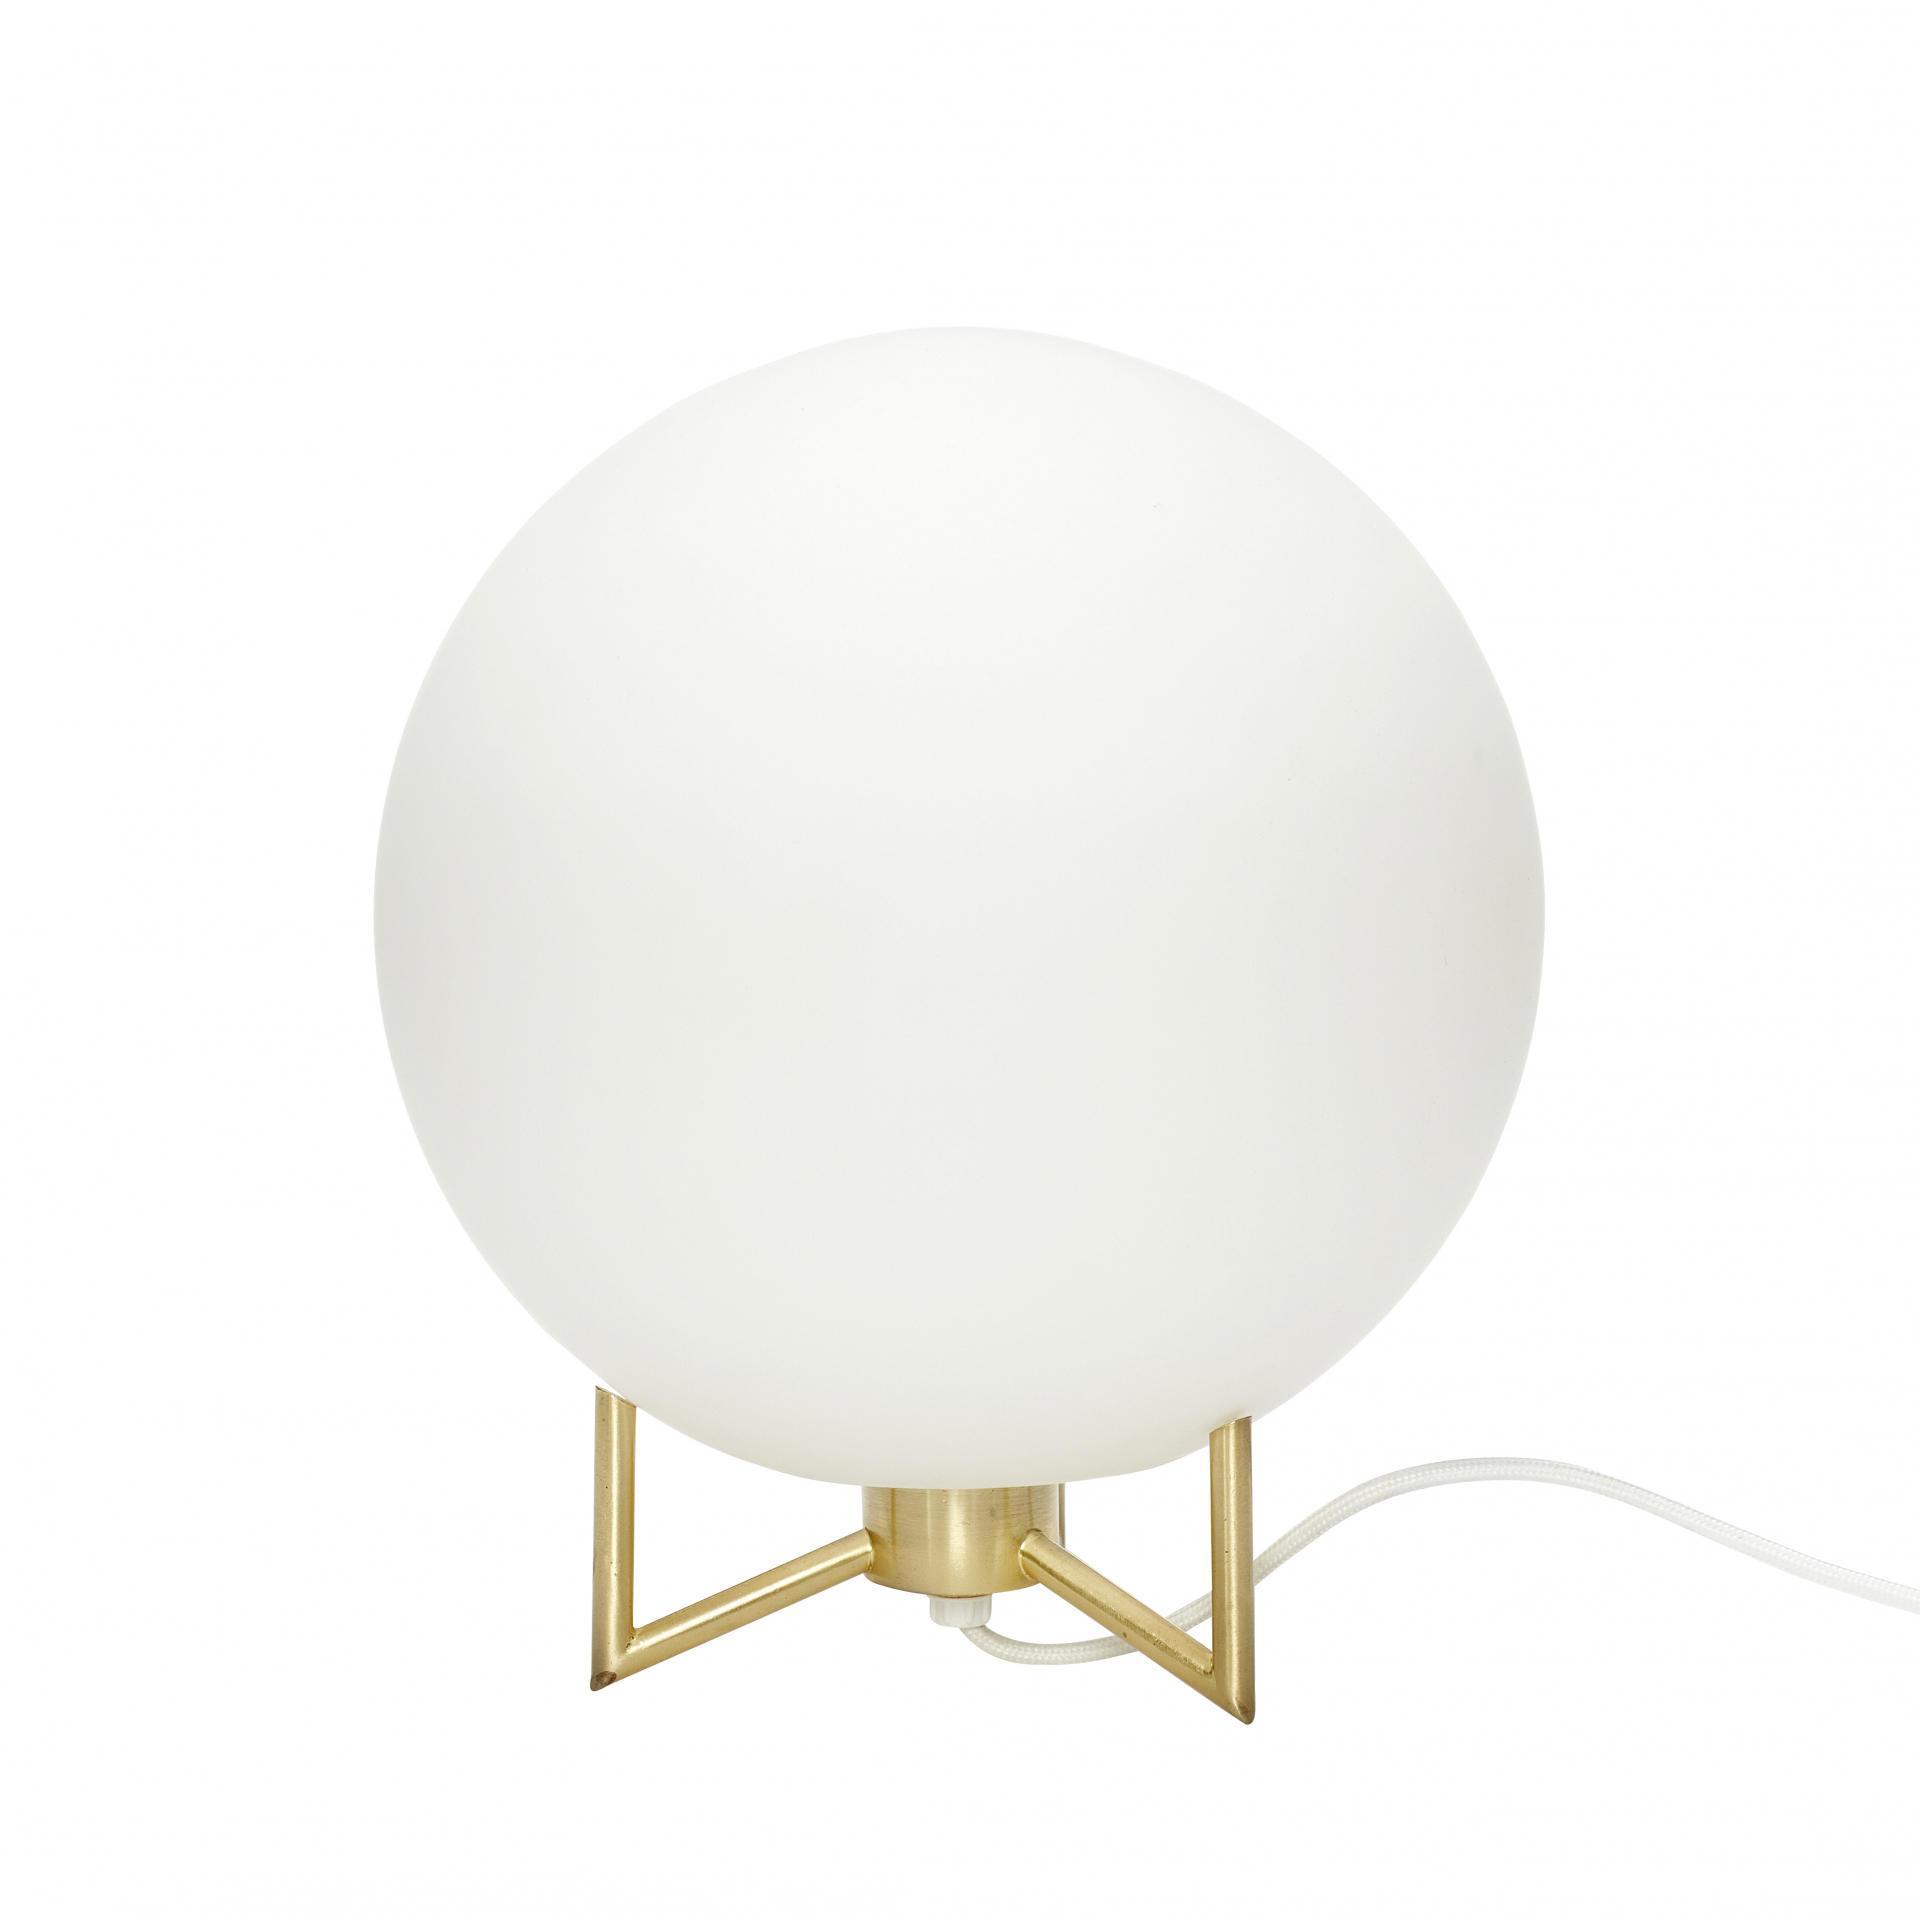 Hübsch Stolní lampa Metal Glass, bílá barva, zlatá barva, sklo, kov